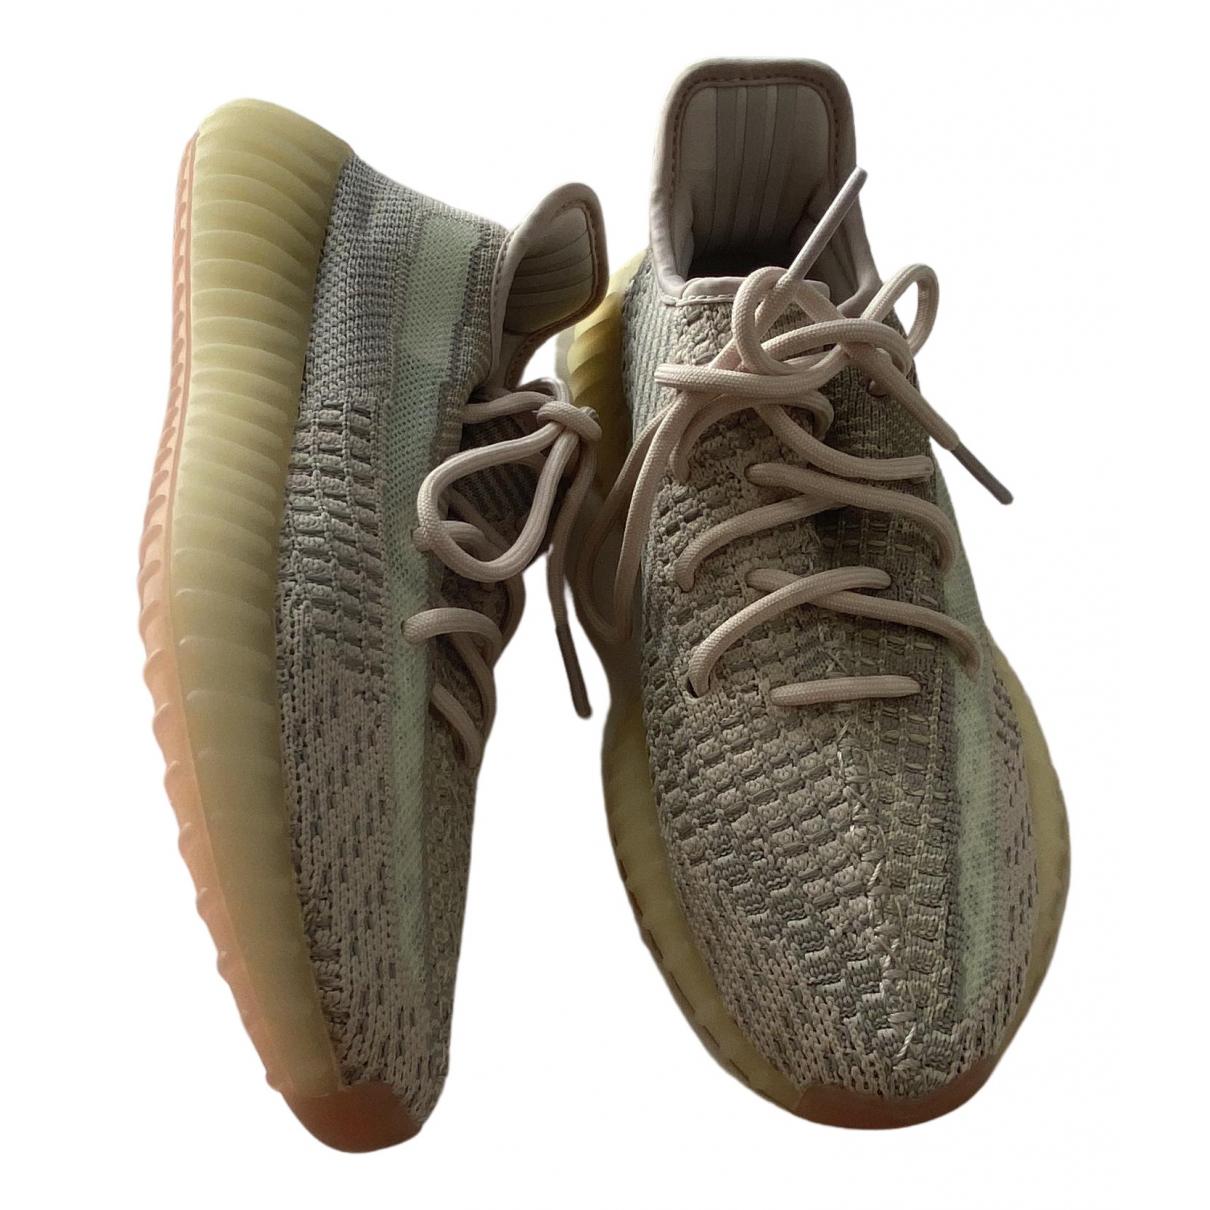 Yeezy X Adidas Boost 350 V2 Sneakers in  Bunt Leinen